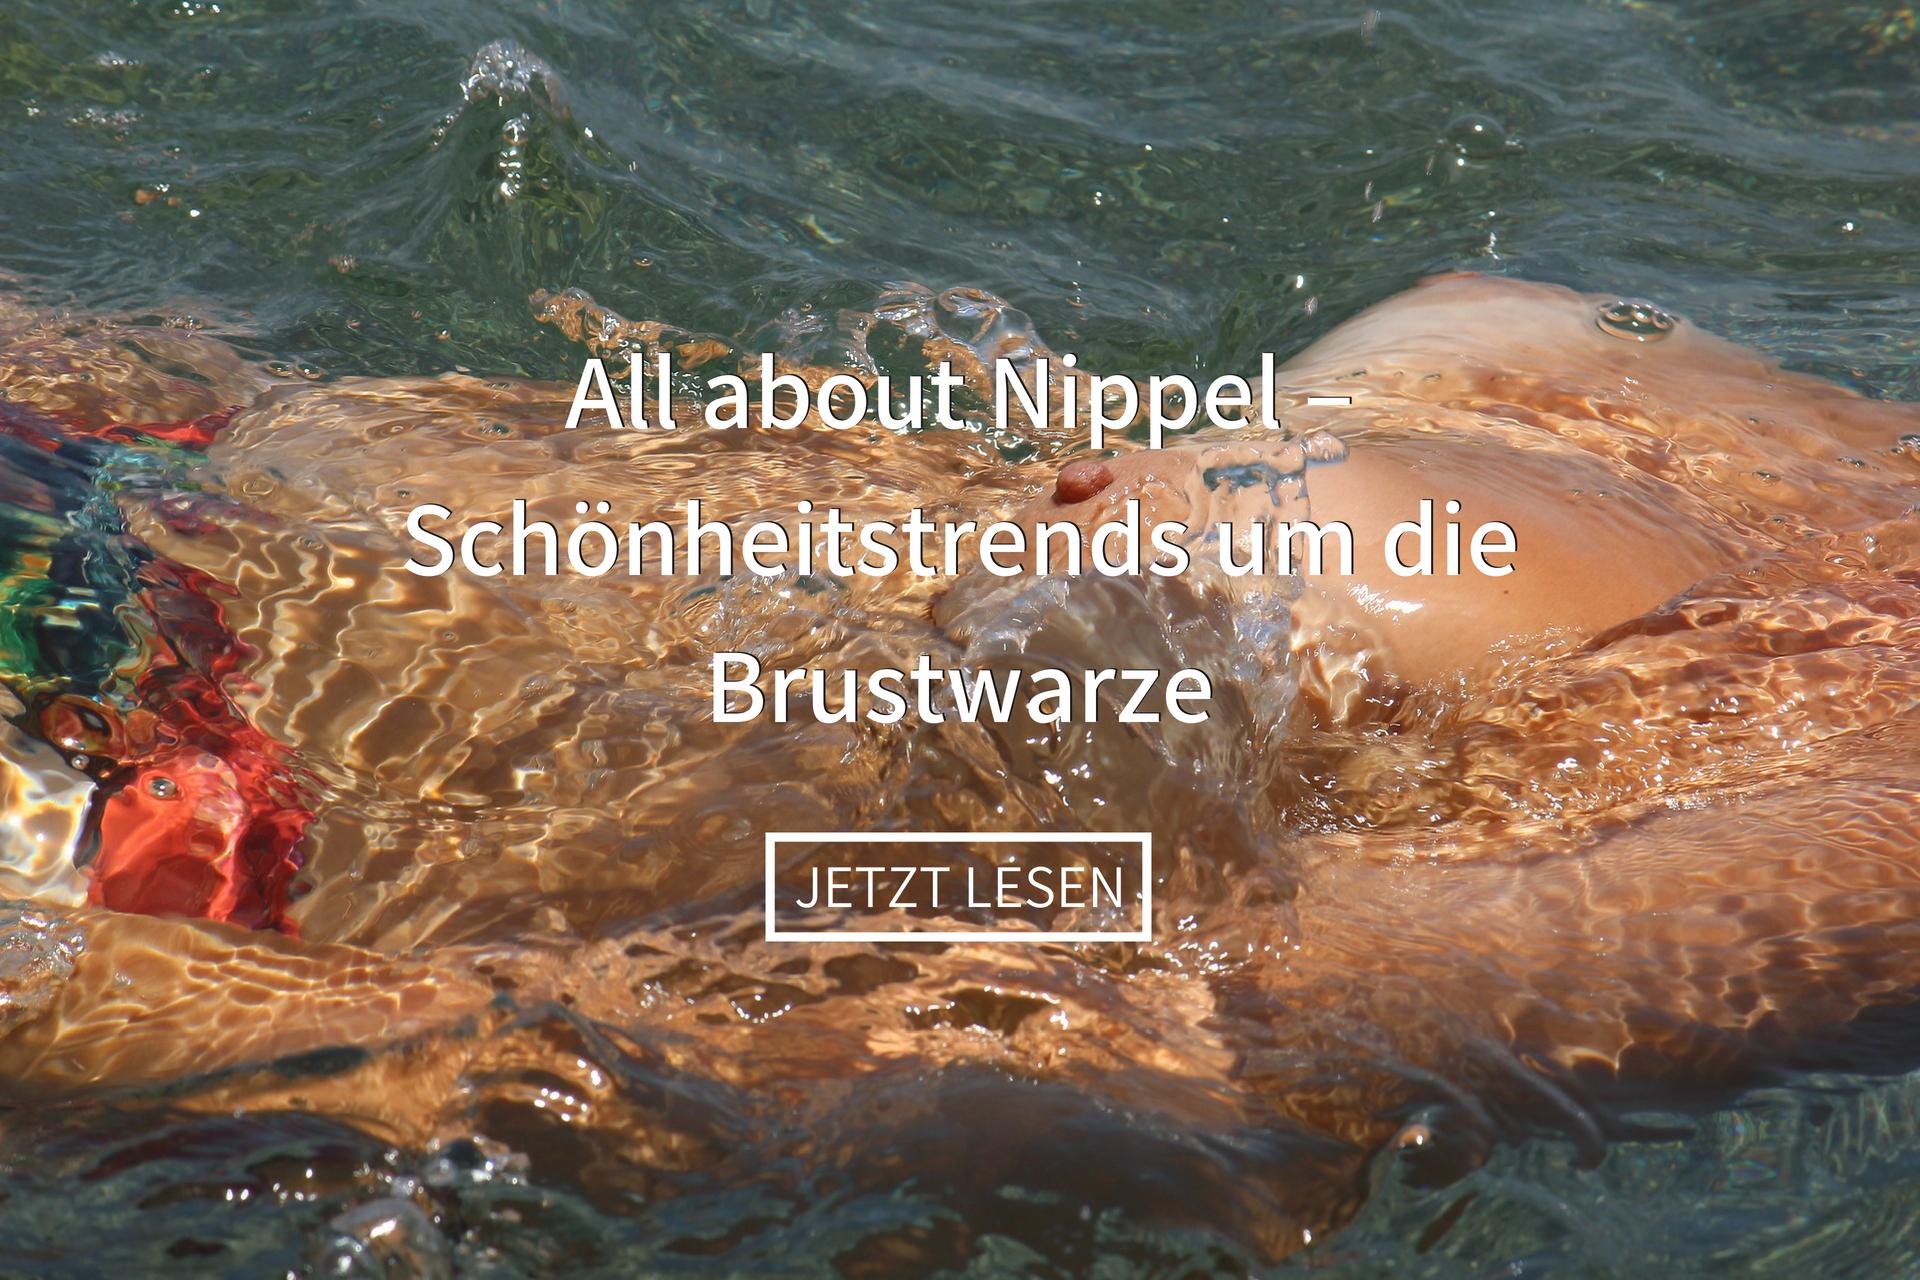 All about Nippel – Schönheitstrends um die Brustwarze